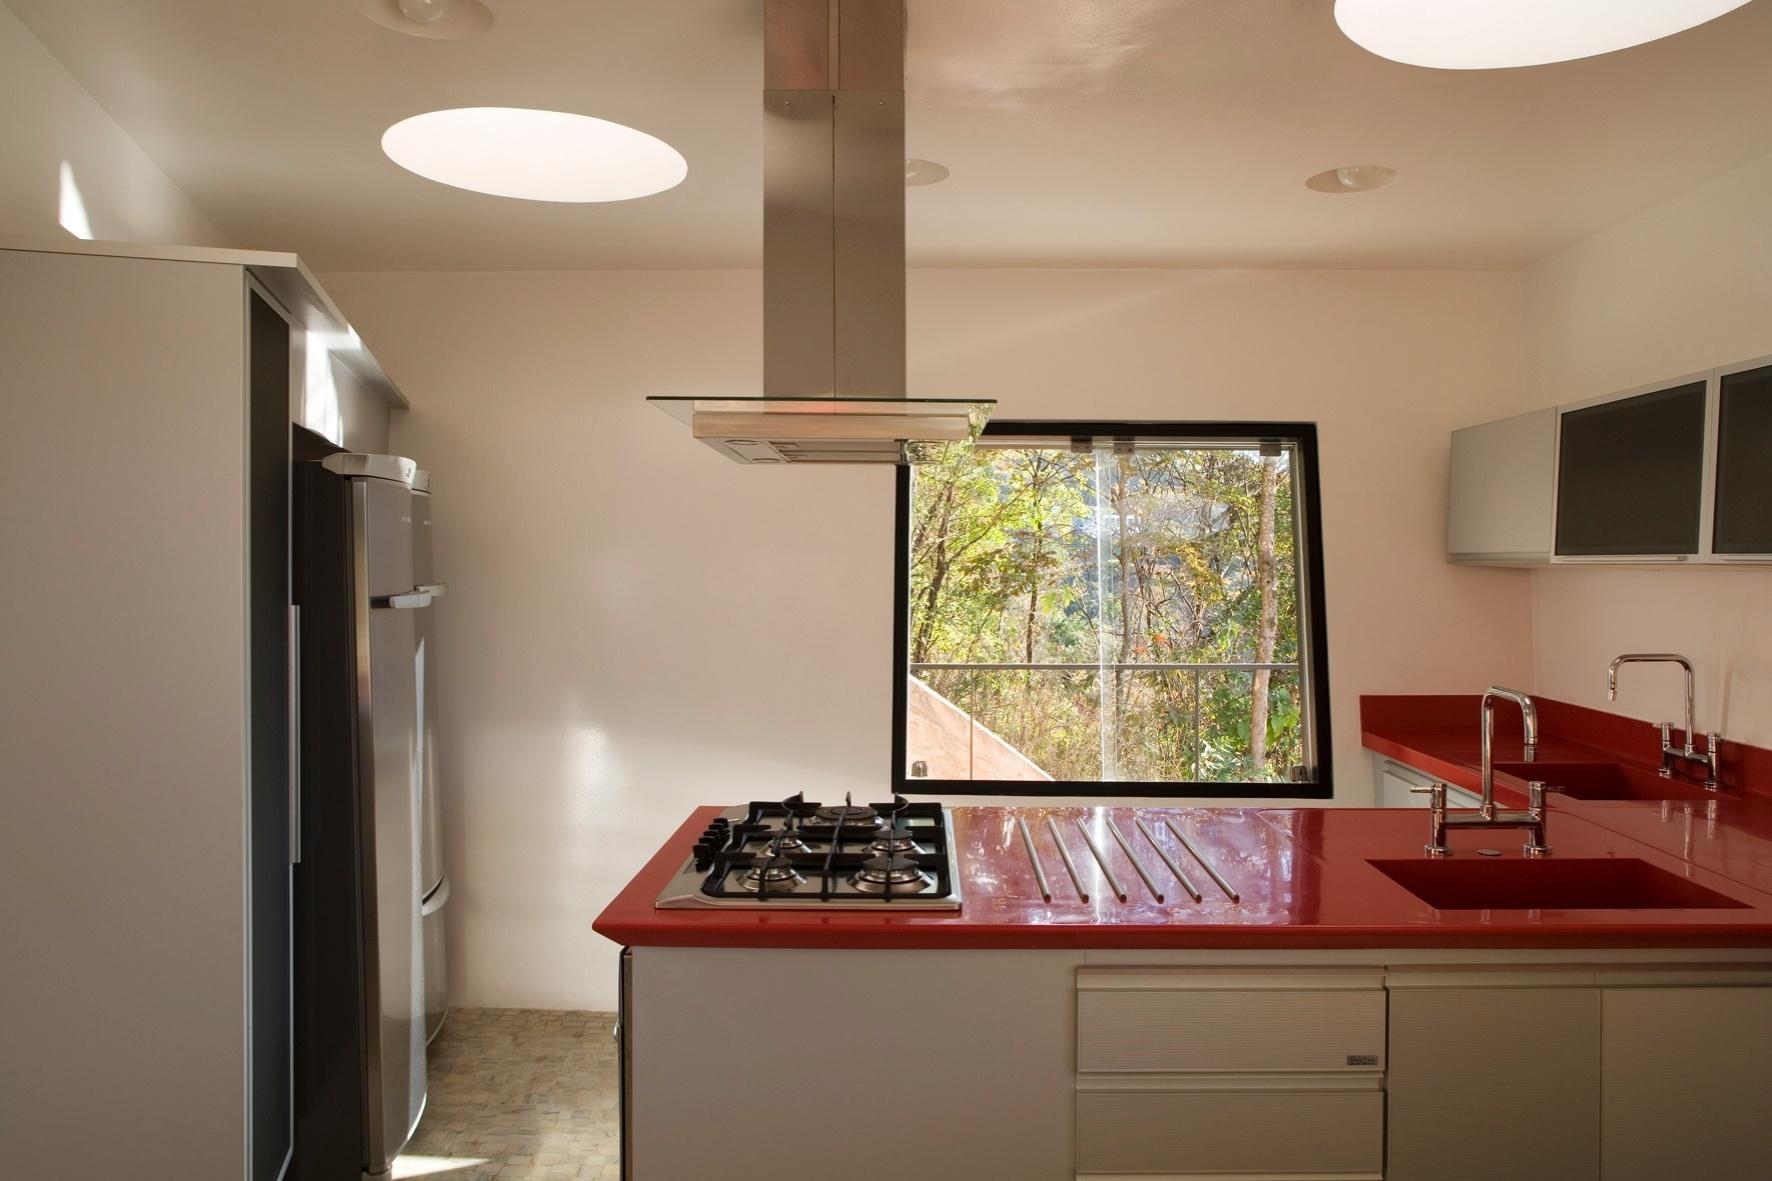 #6B3E2D  de janelas de alumínio (Metalfer) e redomas de policarbonato 1114 Portas E Janelas De Aluminio Para Cozinha